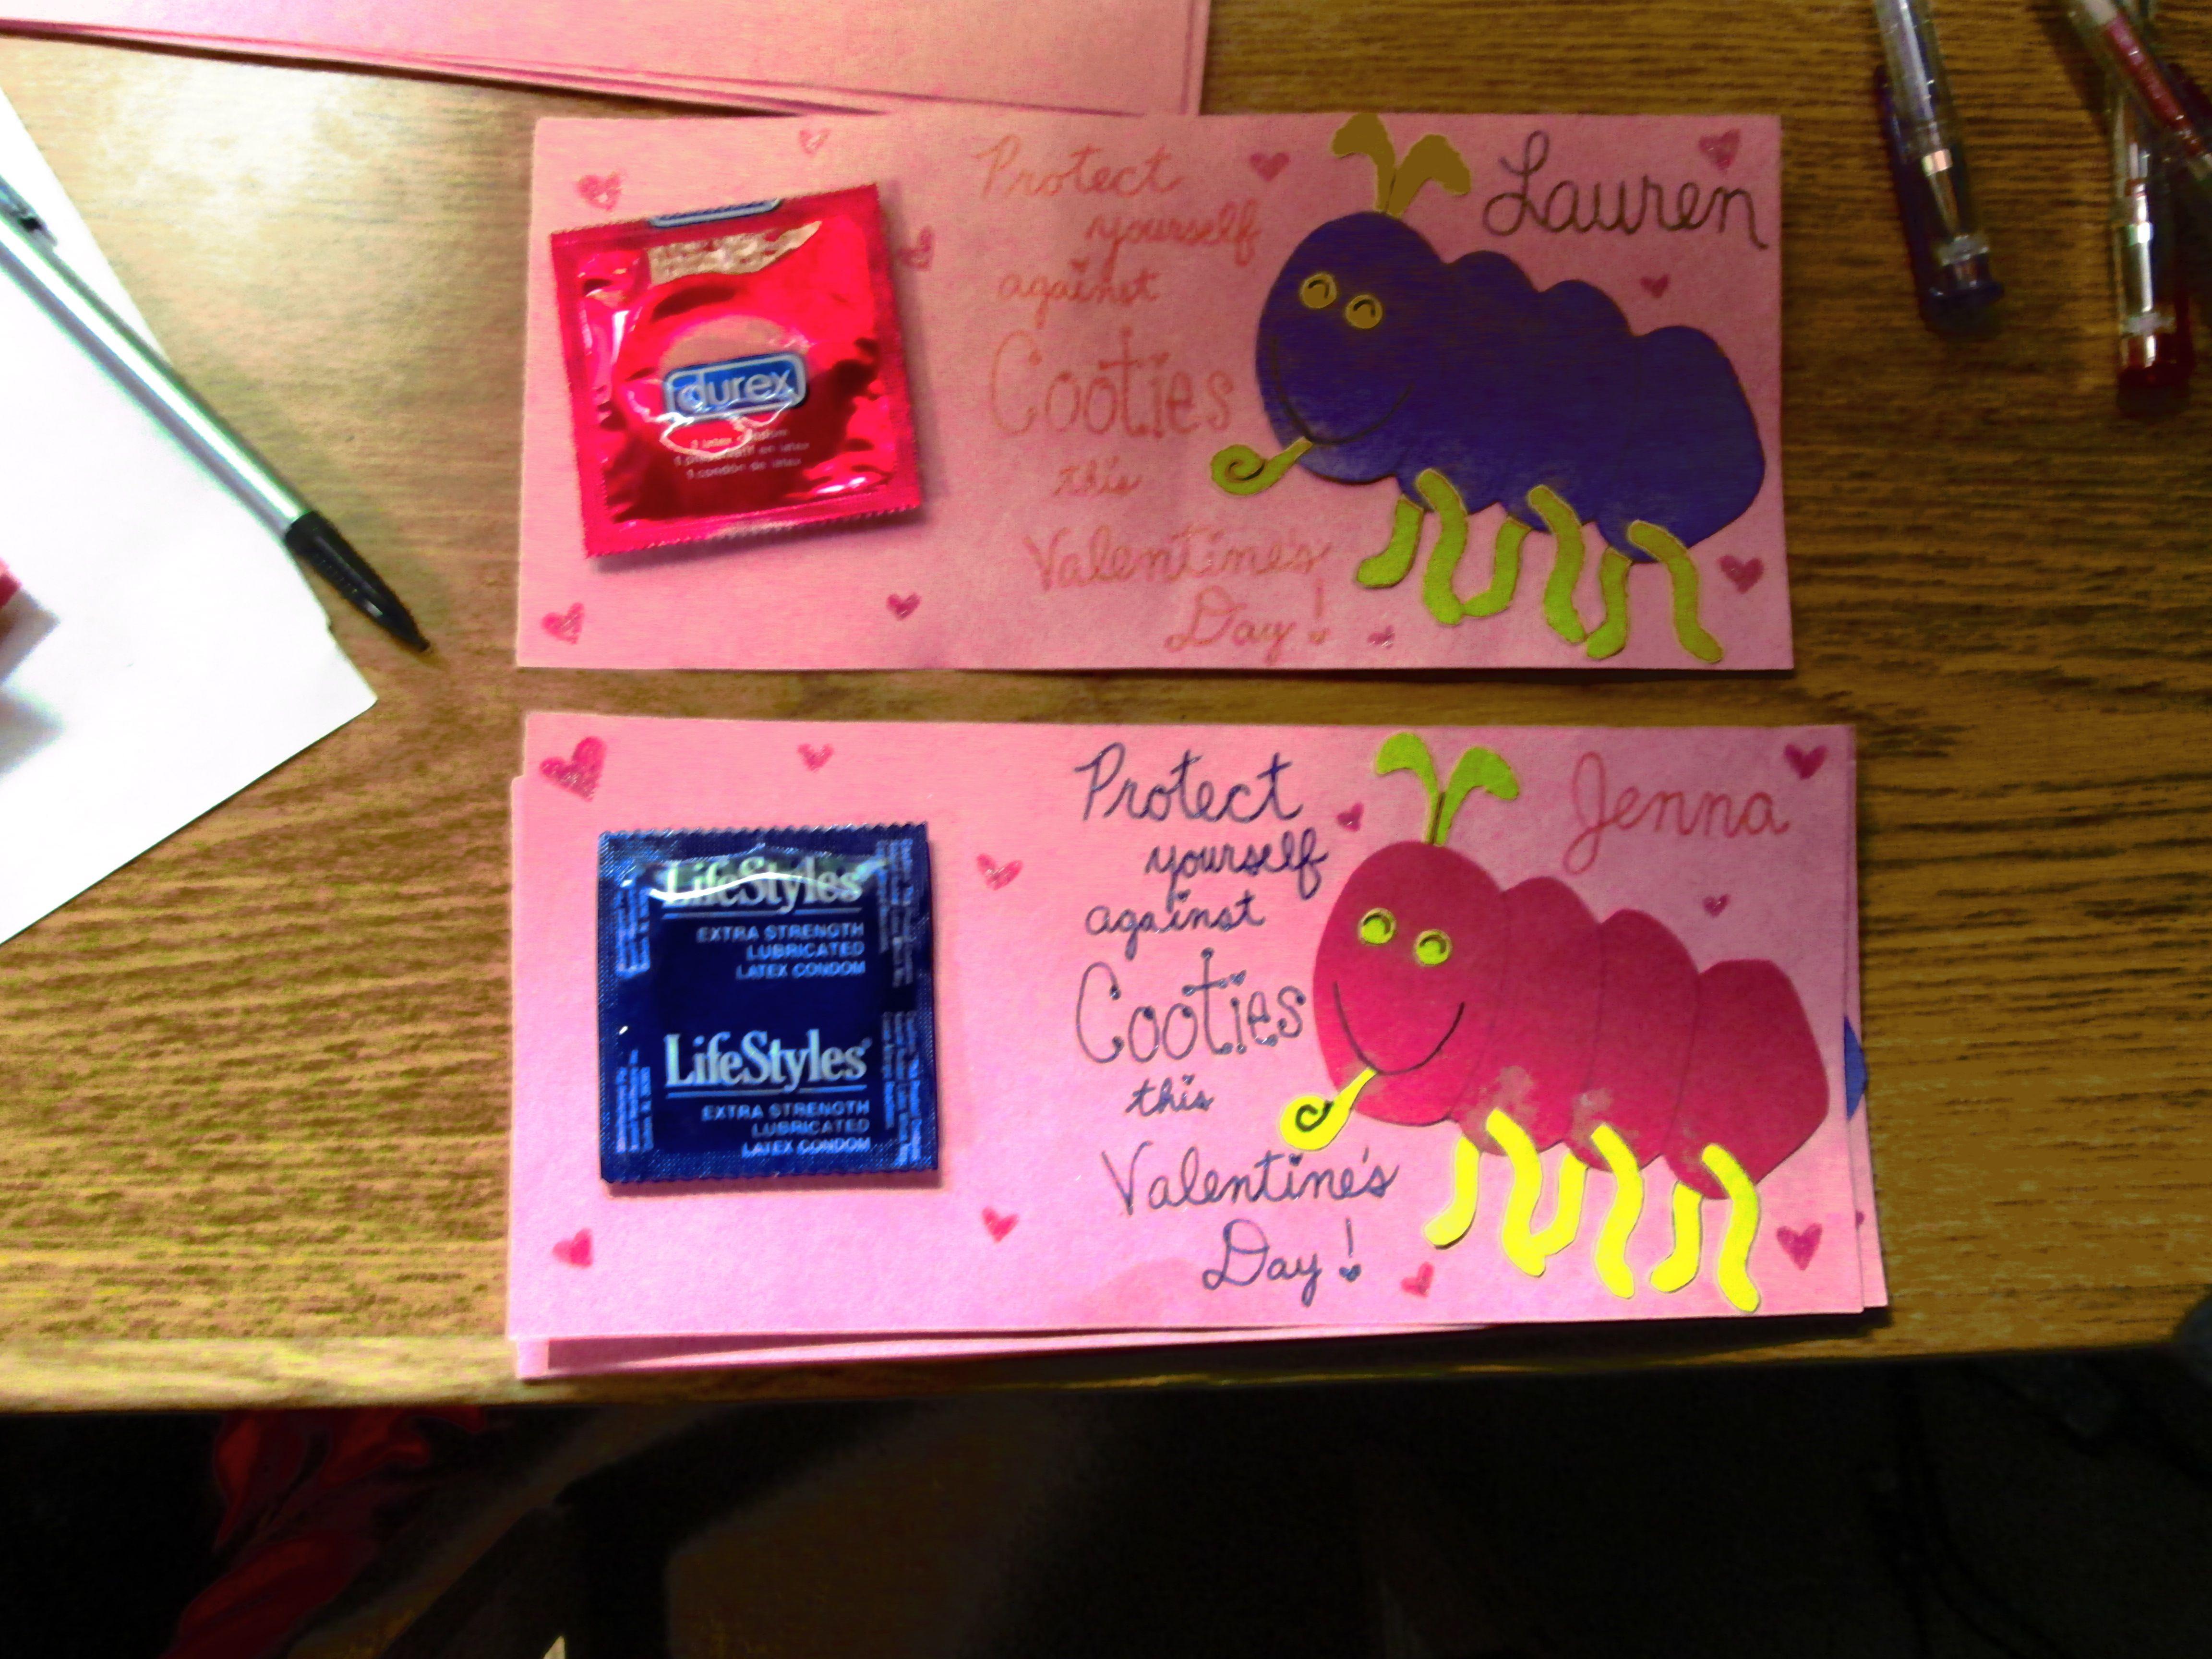 Cootie ValentineS Day Door Decs Reslife Resident Halls Ra